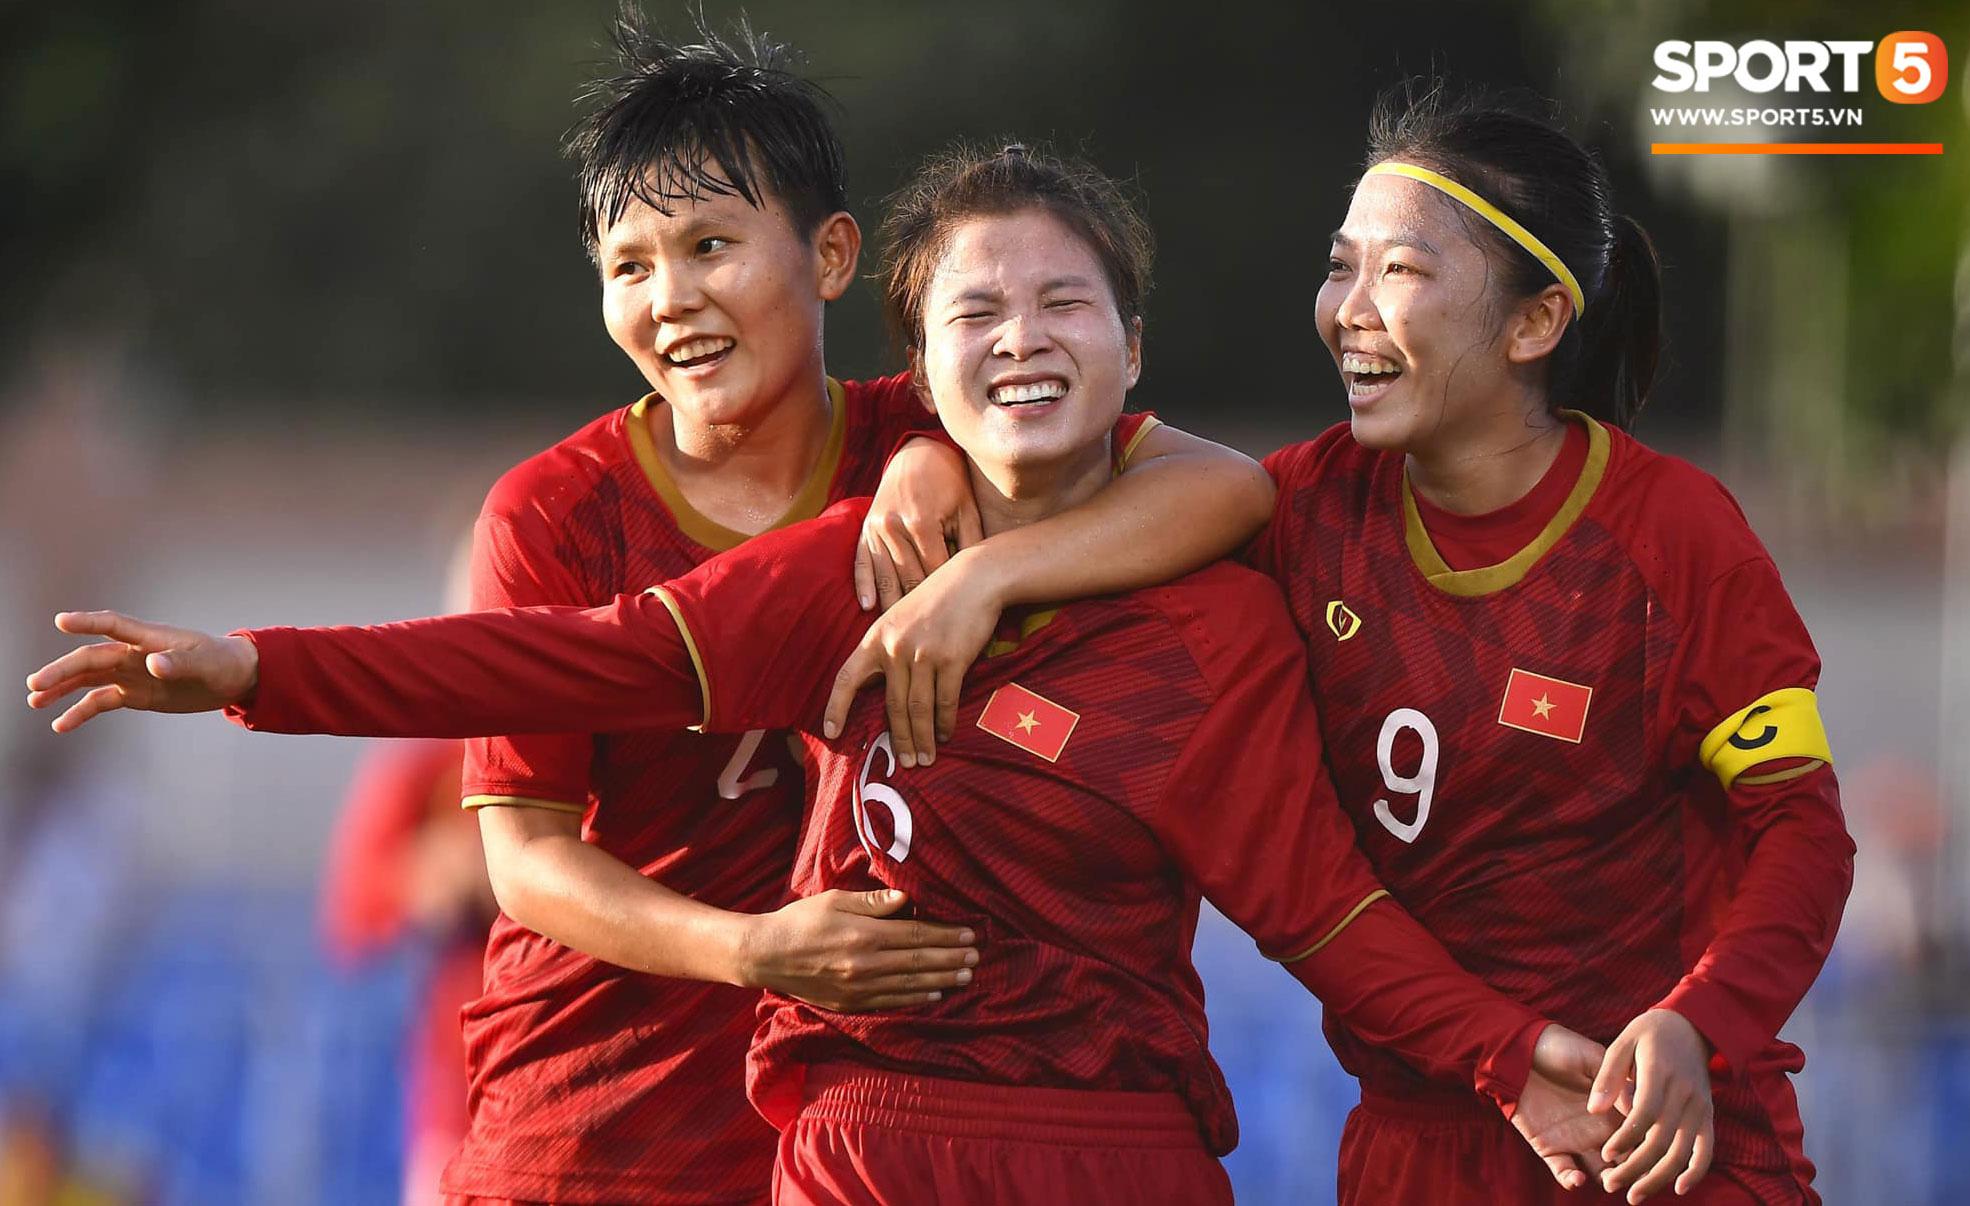 SEA Games 30 ngày 2/12: Thái Lan giúp tuyển nữ Việt Nam vào bán kết ở ngôi nhất bảng - Ảnh 4.